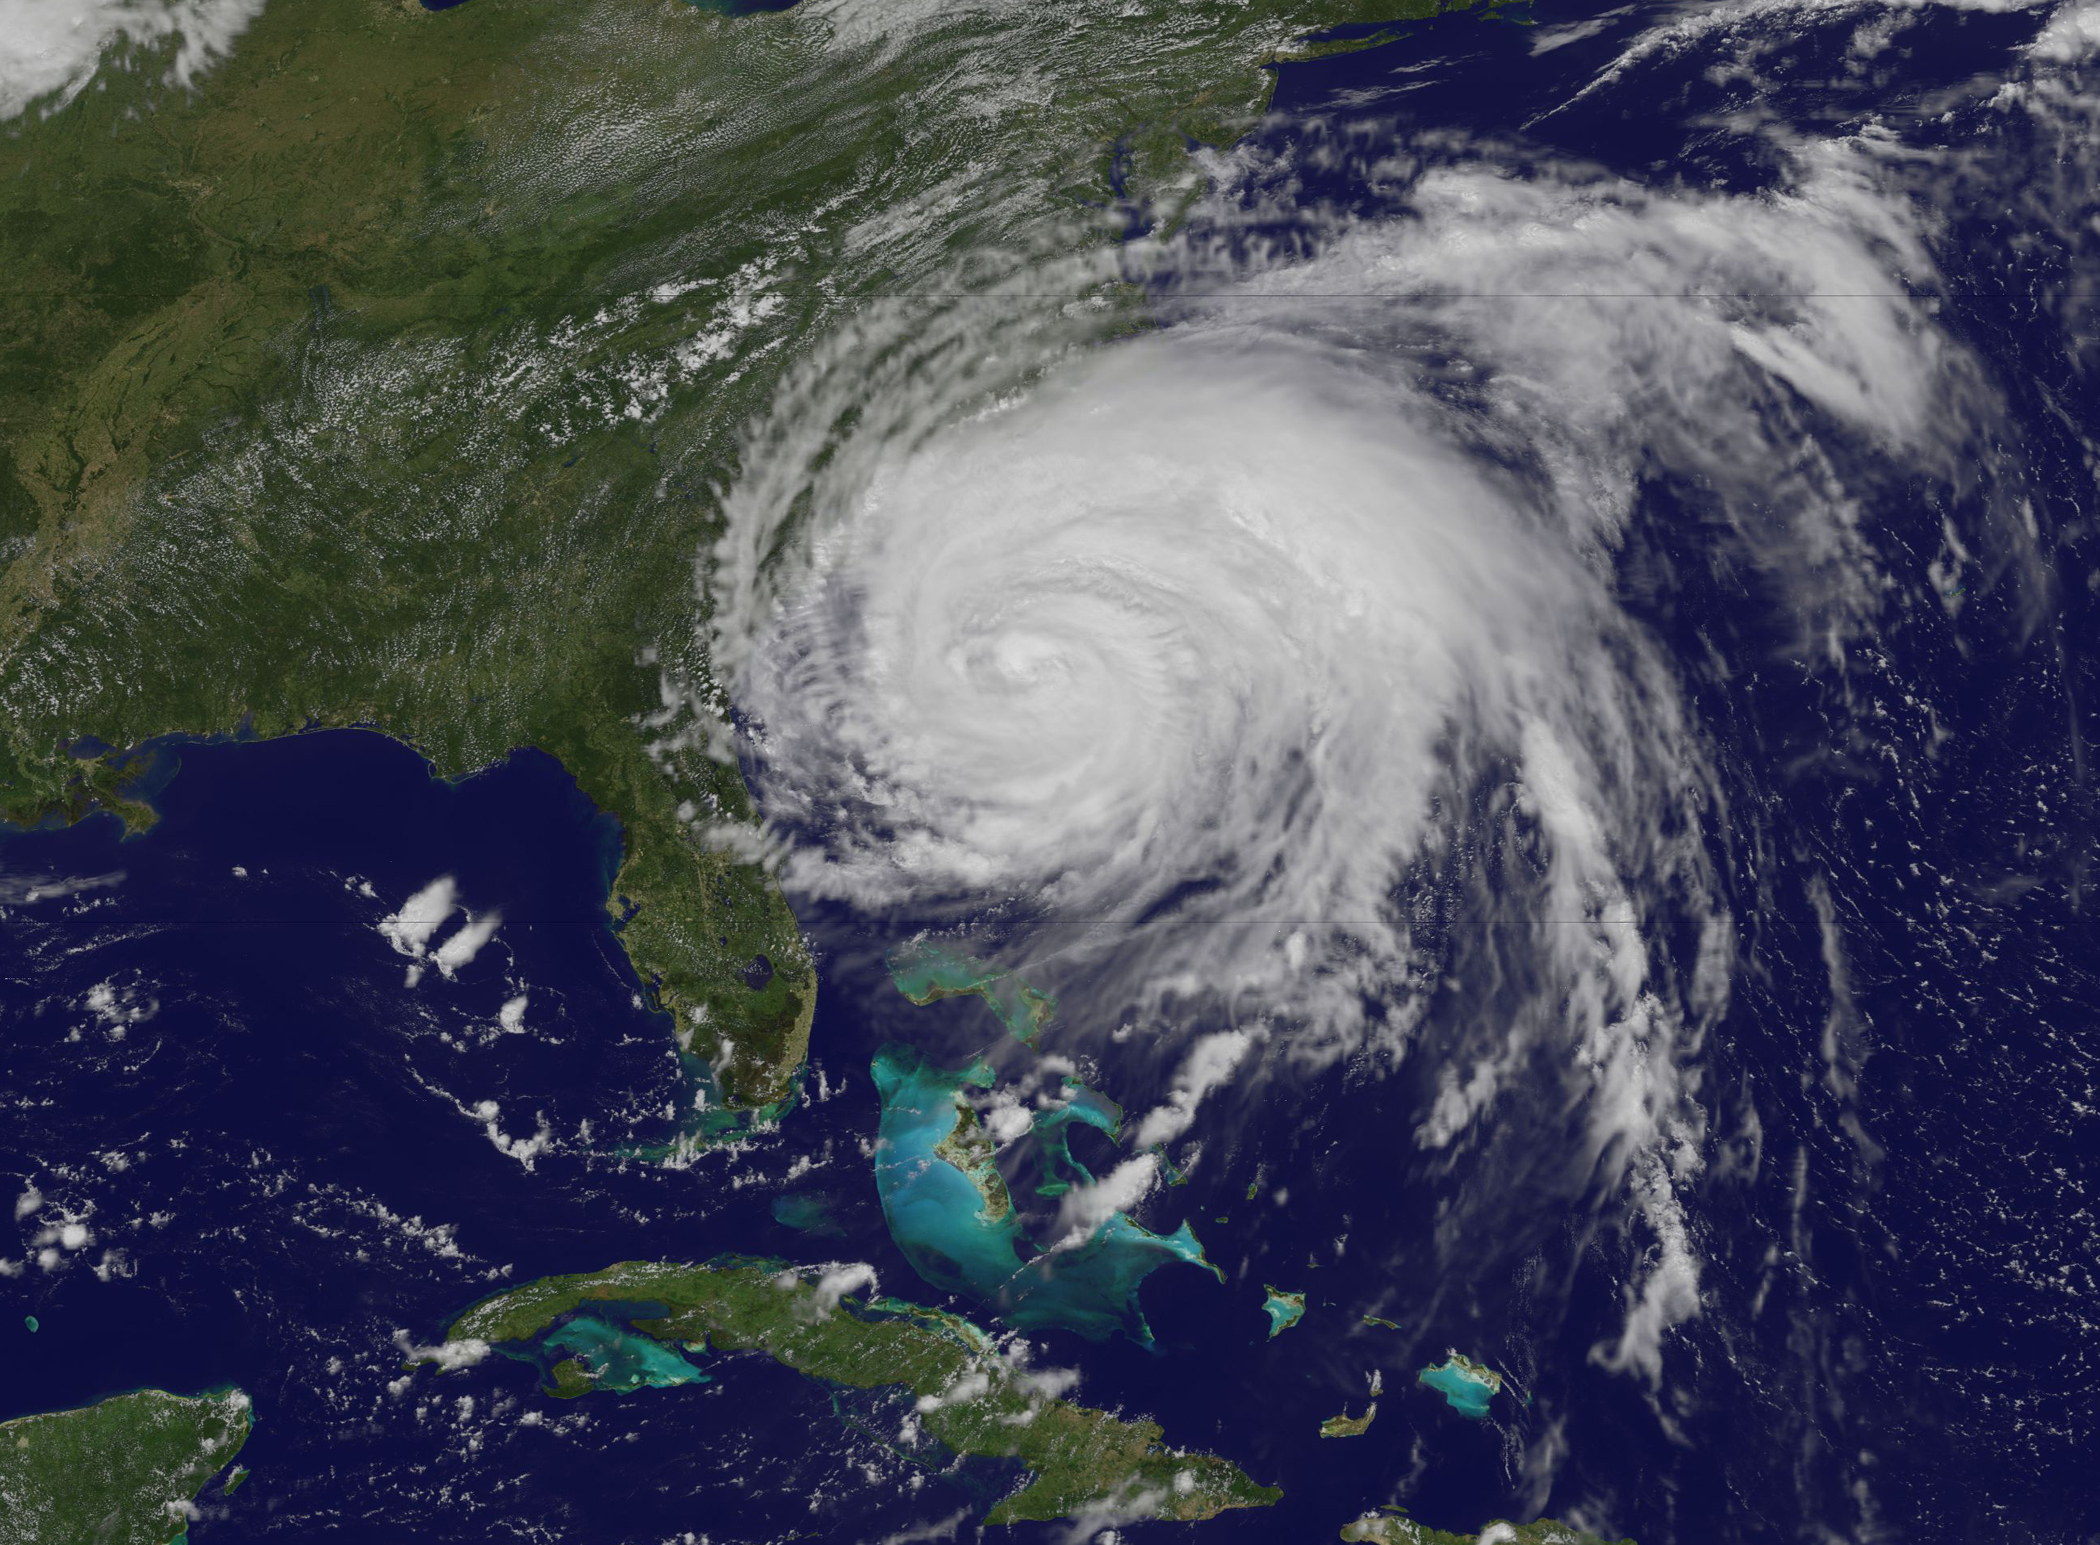 NASA - Hurricane Season 2011: Hurricane Irene (Atlantic Ocean)